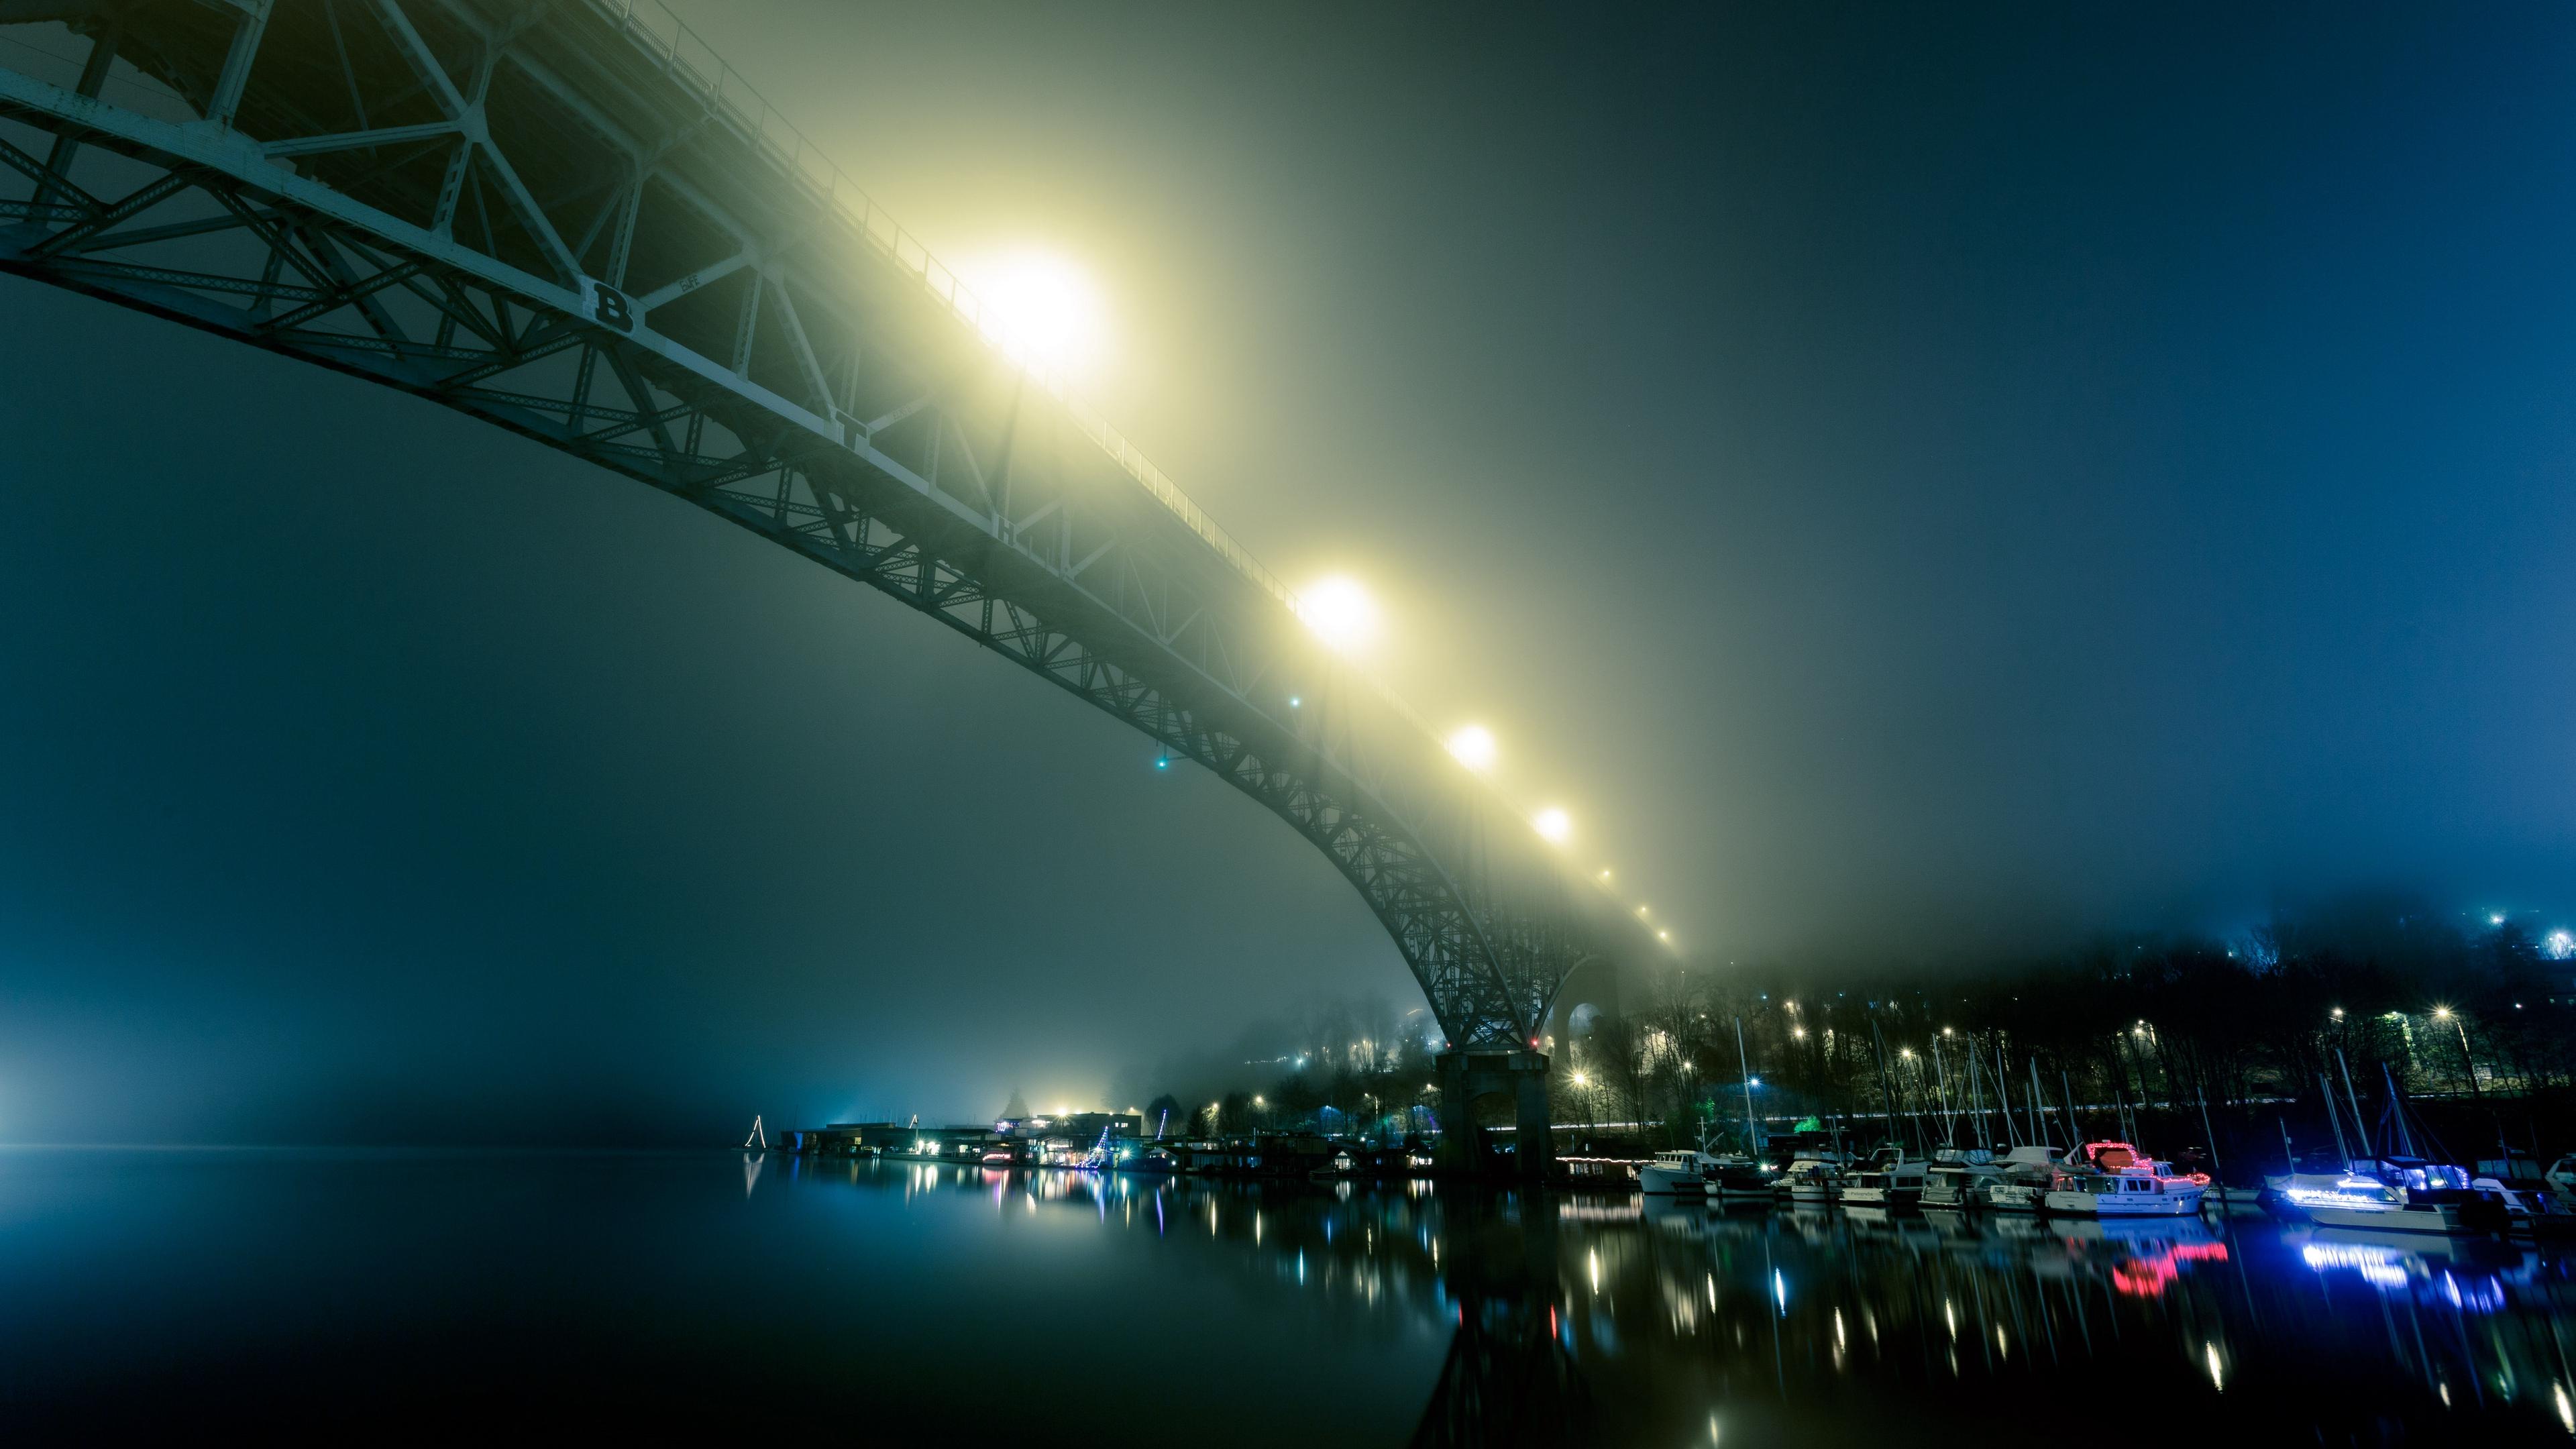 port fog bridge night city 4k 1538066257 - port, fog, bridge, night city 4k - port, fog, bridge